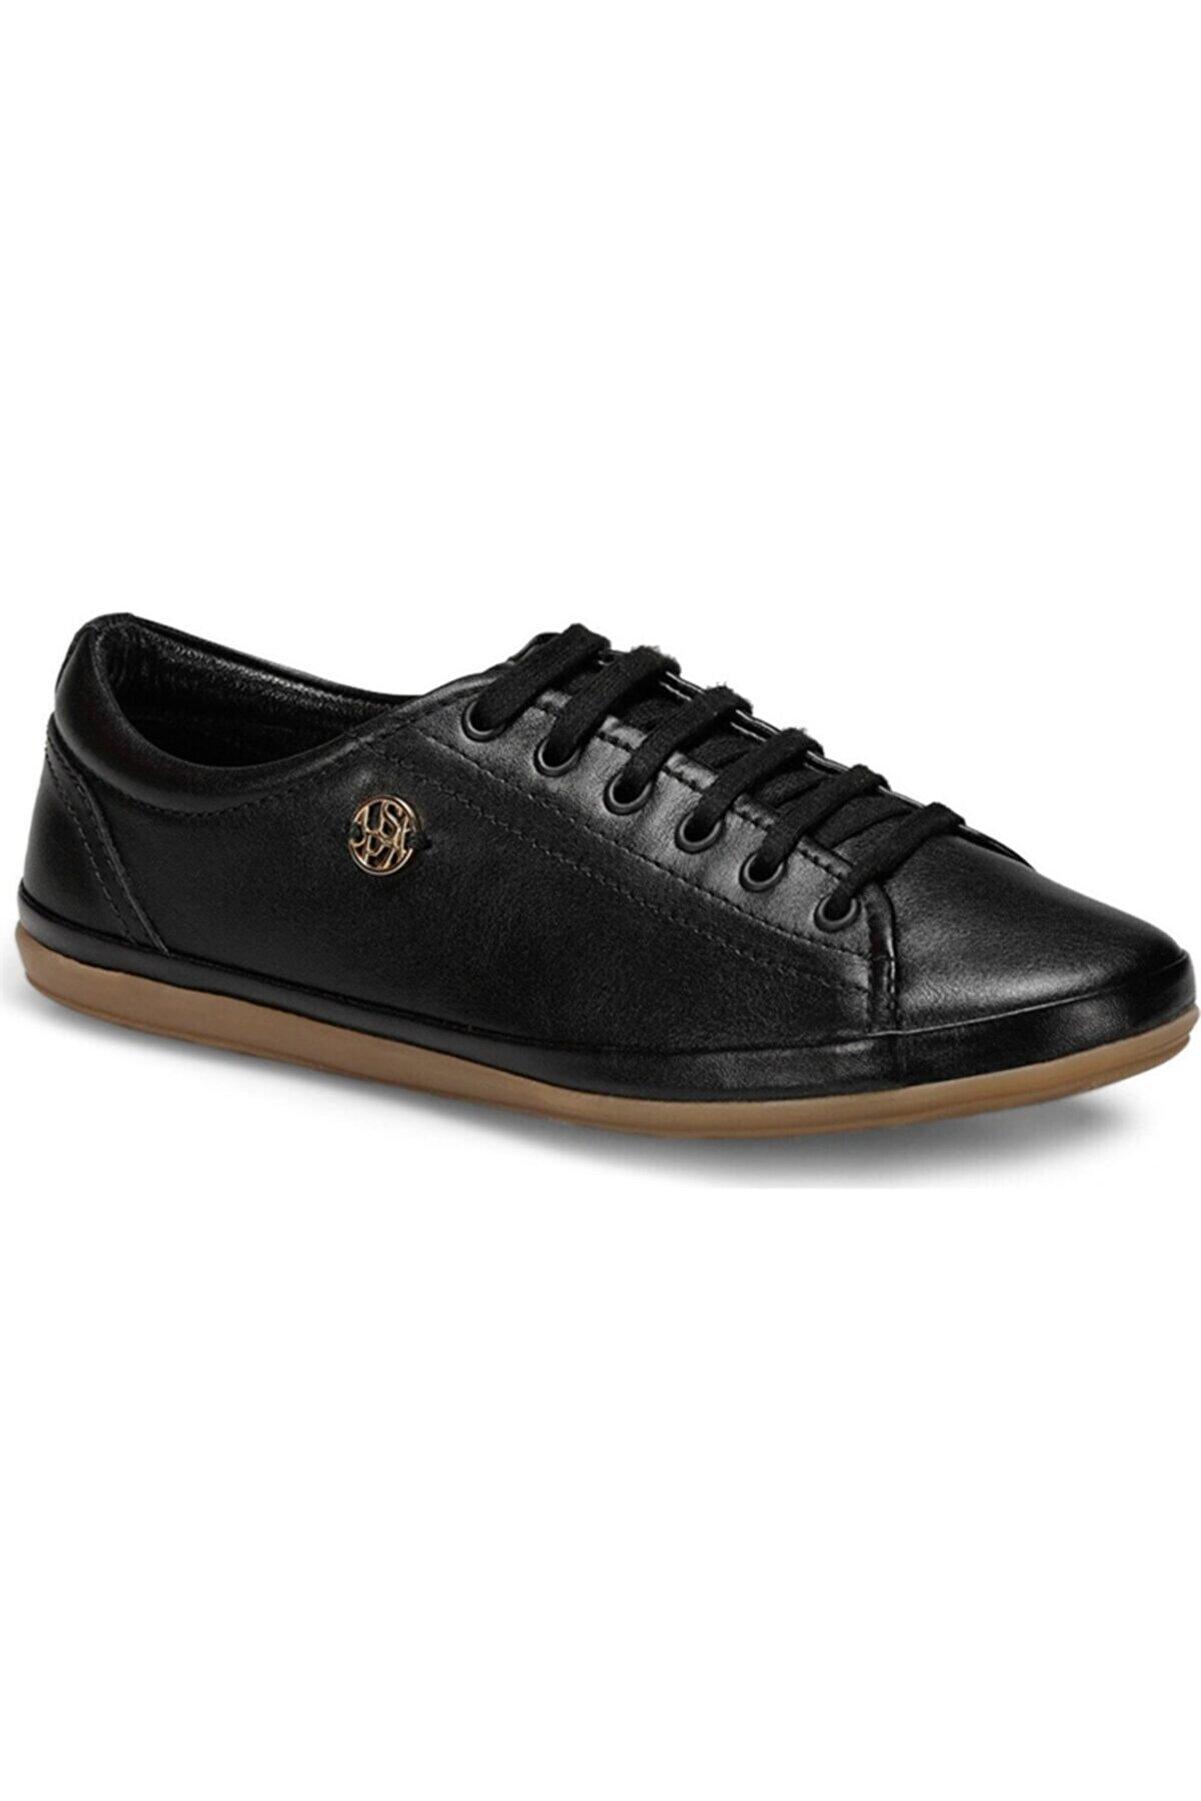 US Polo Assn JOJO 1FX Siyah Kadın Sneaker 100696334